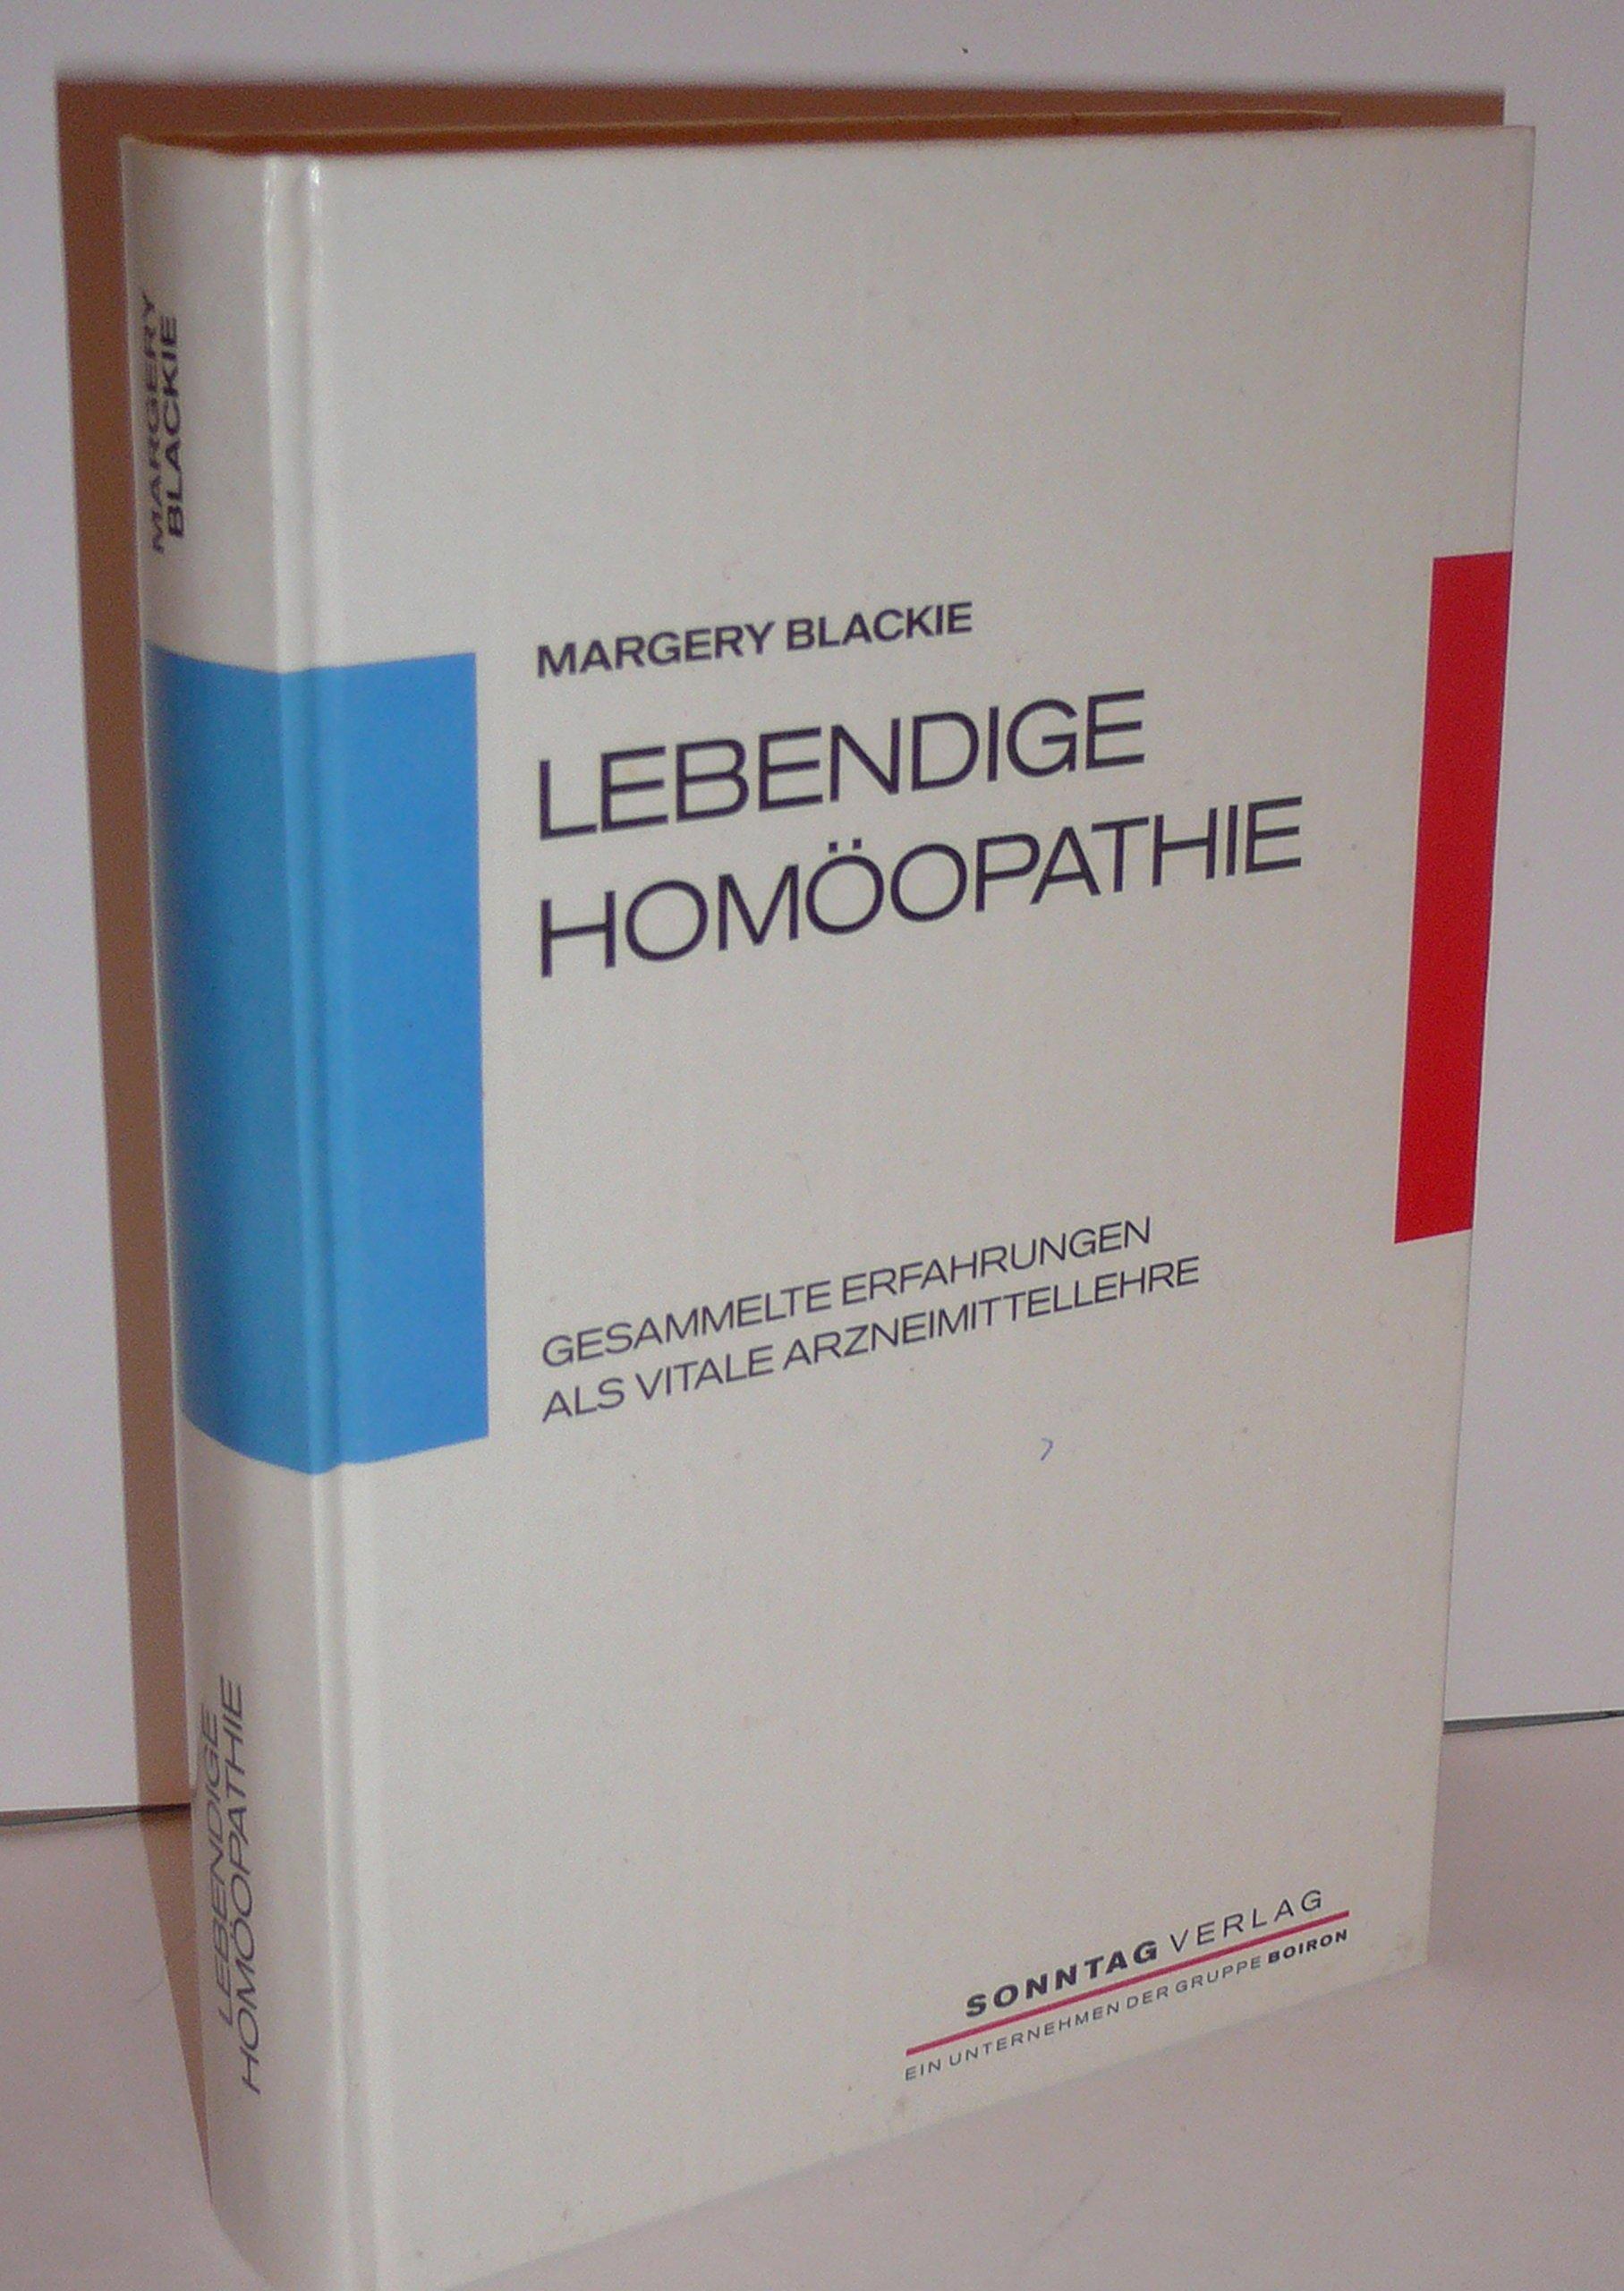 Lebendige Homöopathie - Gesammelte Erfahrungen als Vitale Arzneimittellehre